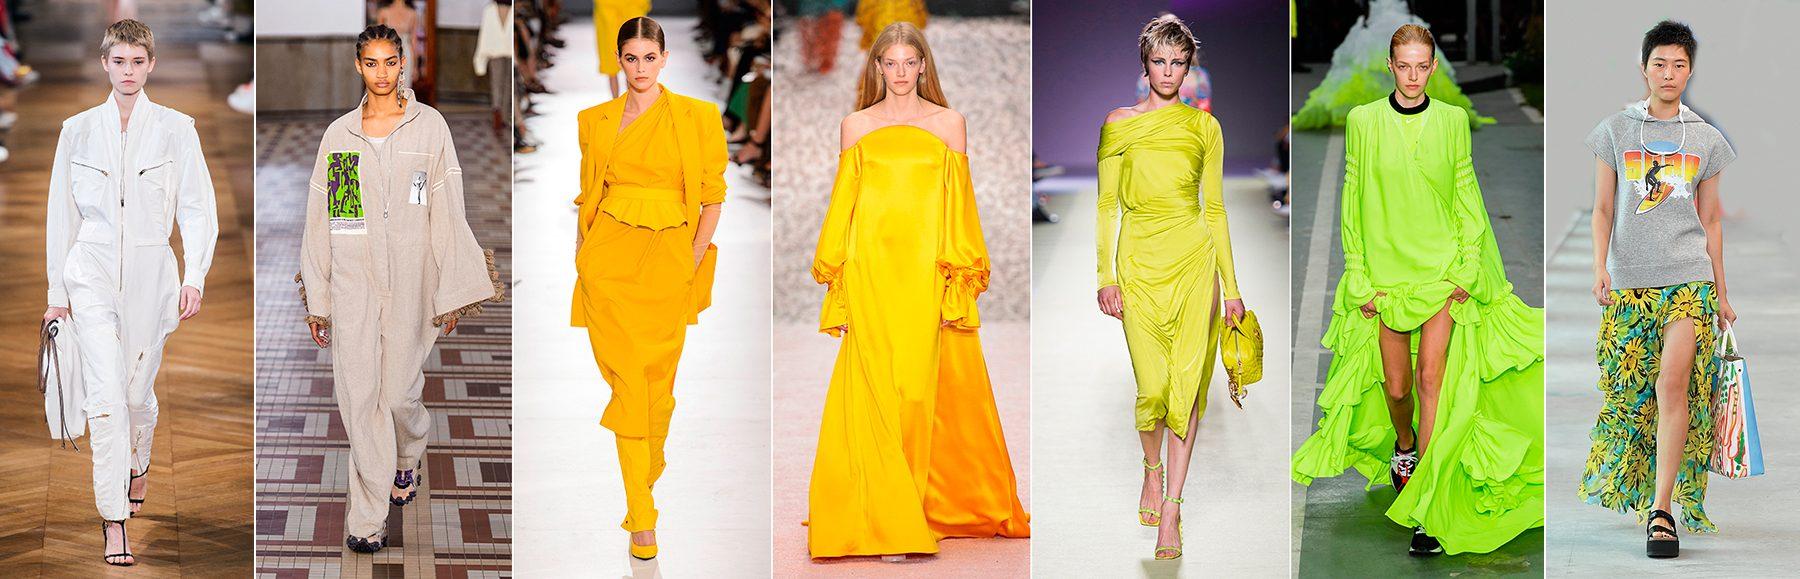 Avance: las tendencias que vestiremos en primavera